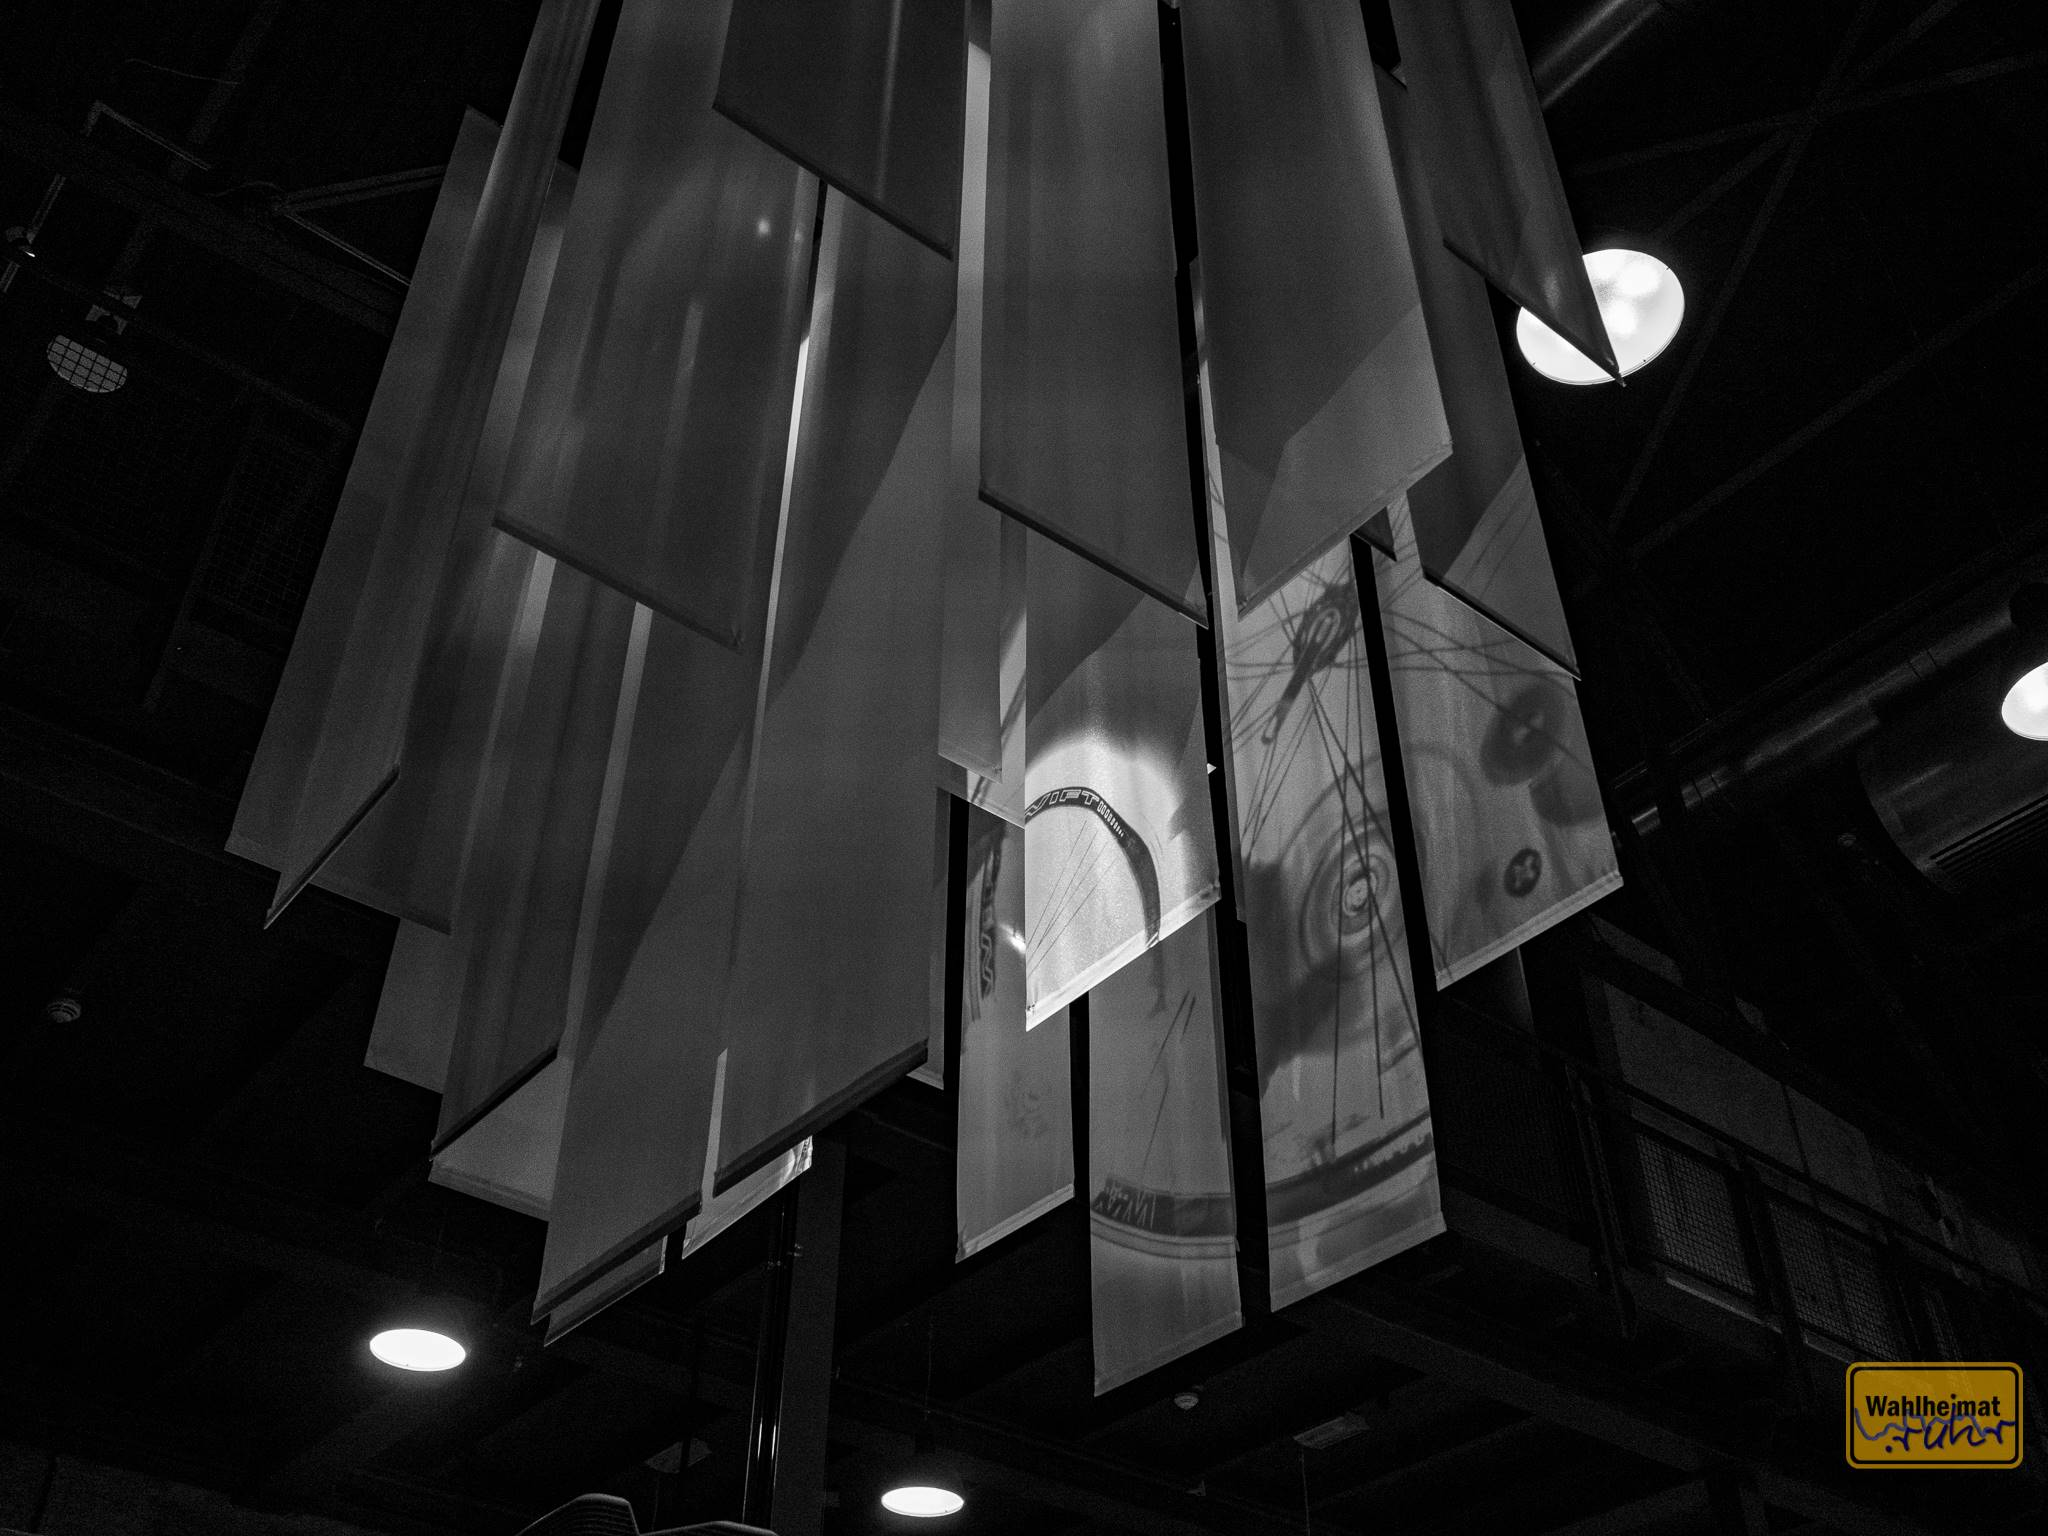 Tolle Projektionsflächen für Bewegtbild an der Decke - gleich mehrfach in der Ausstellung. Sehr gelungen.